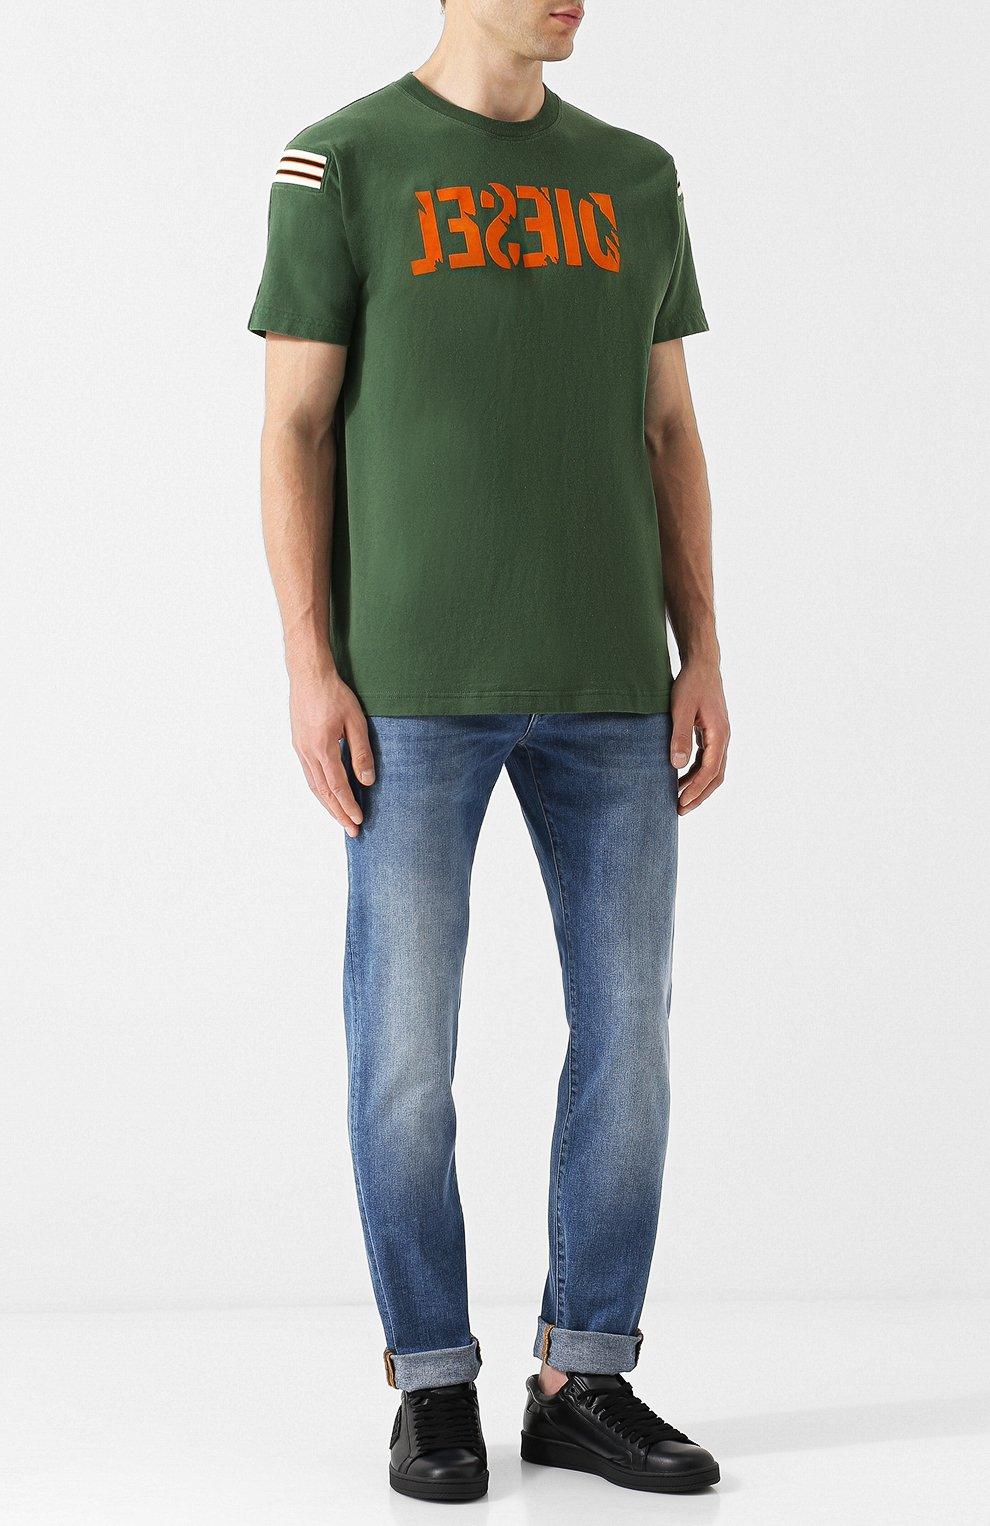 Хлопковая футболка с принтом Diesel зеленая   Фото №2